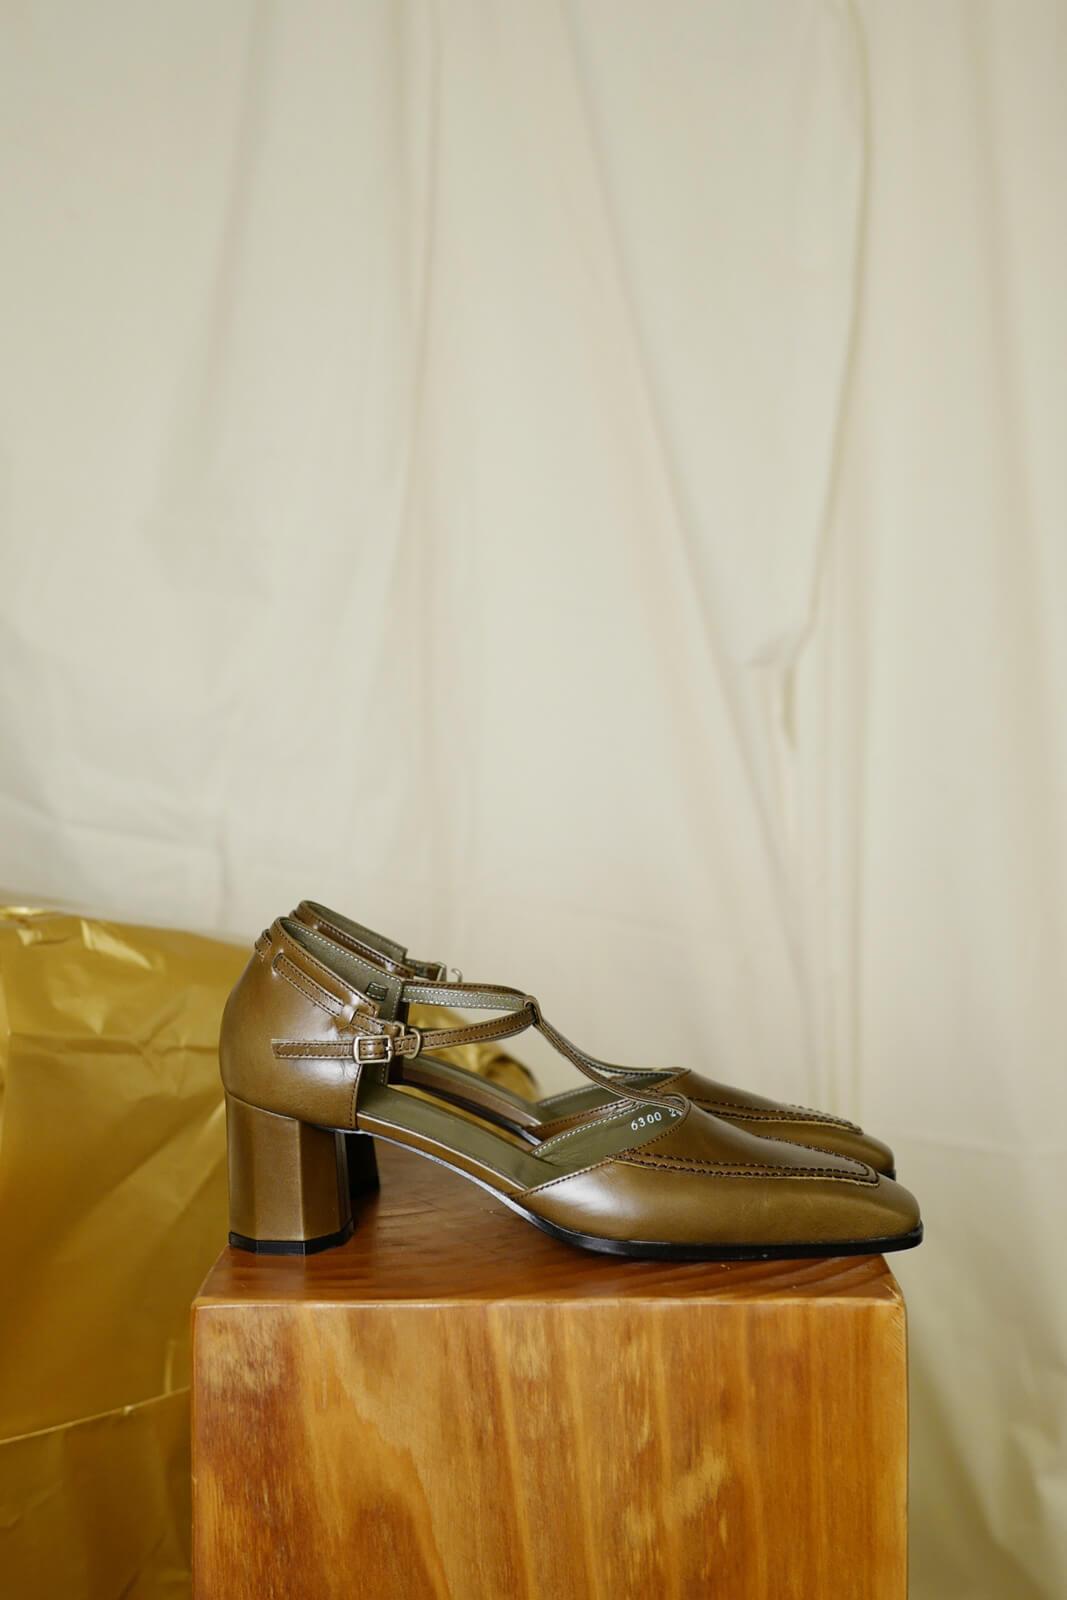 DC Freta heels